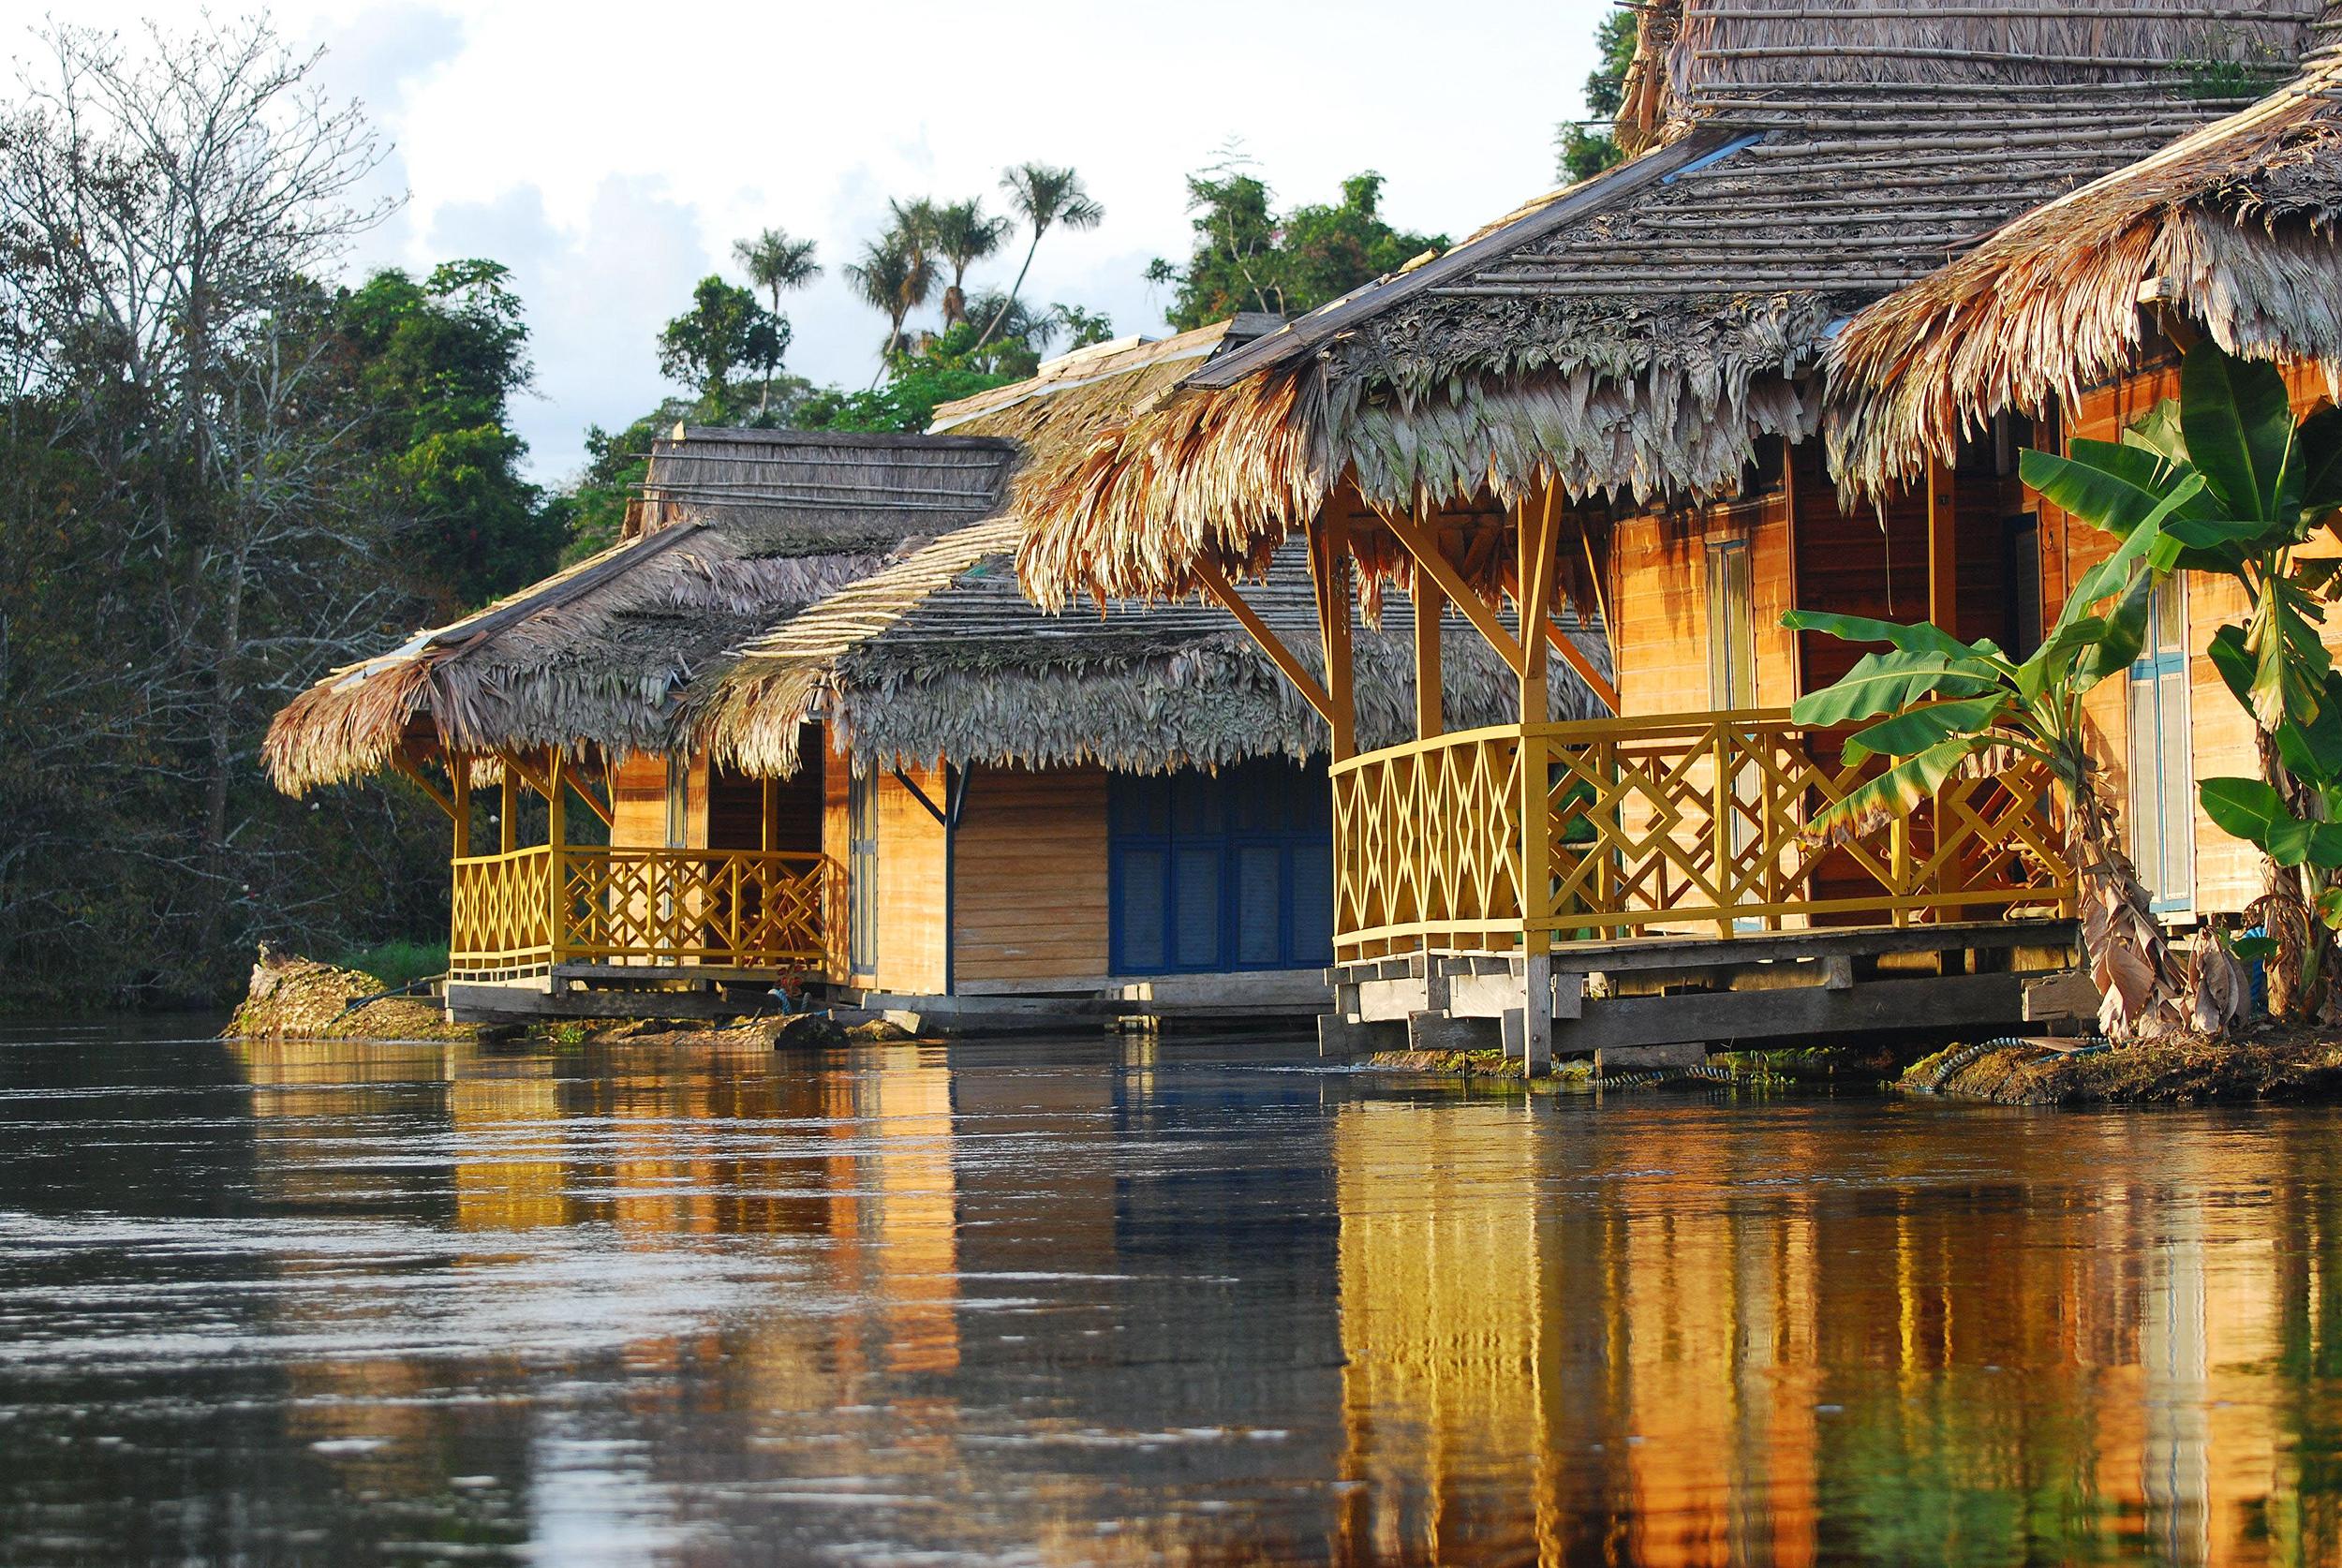 Hospedagem de selva na Amazônia brasileira Uacari, em Manaus, Amazonas